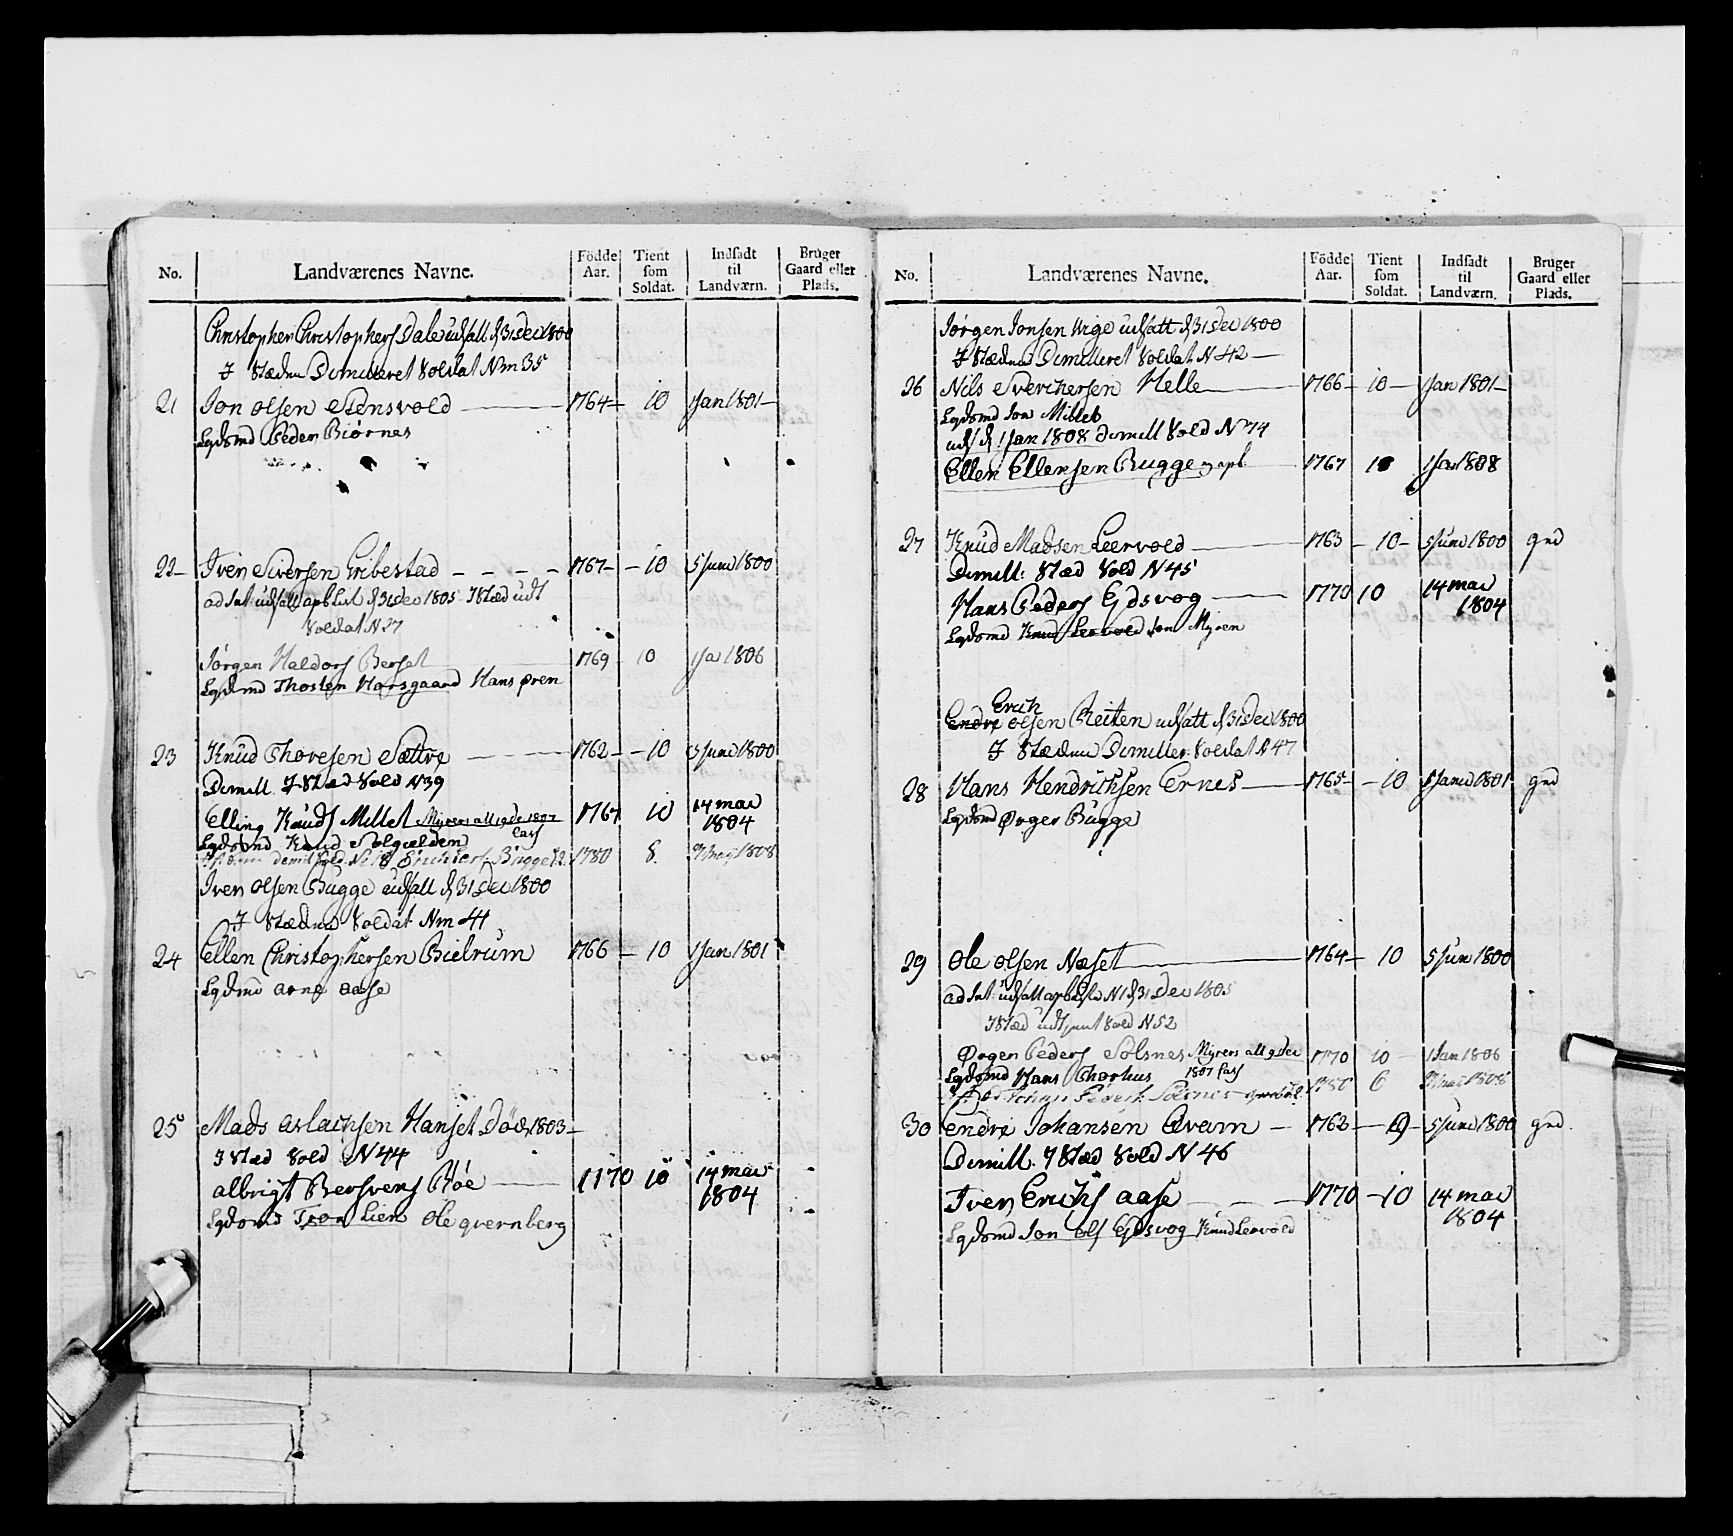 RA, Generalitets- og kommissariatskollegiet, Det kongelige norske kommissariatskollegium, E/Eh/L0082: 2. Trondheimske nasjonale infanteriregiment, 1804, s. 315